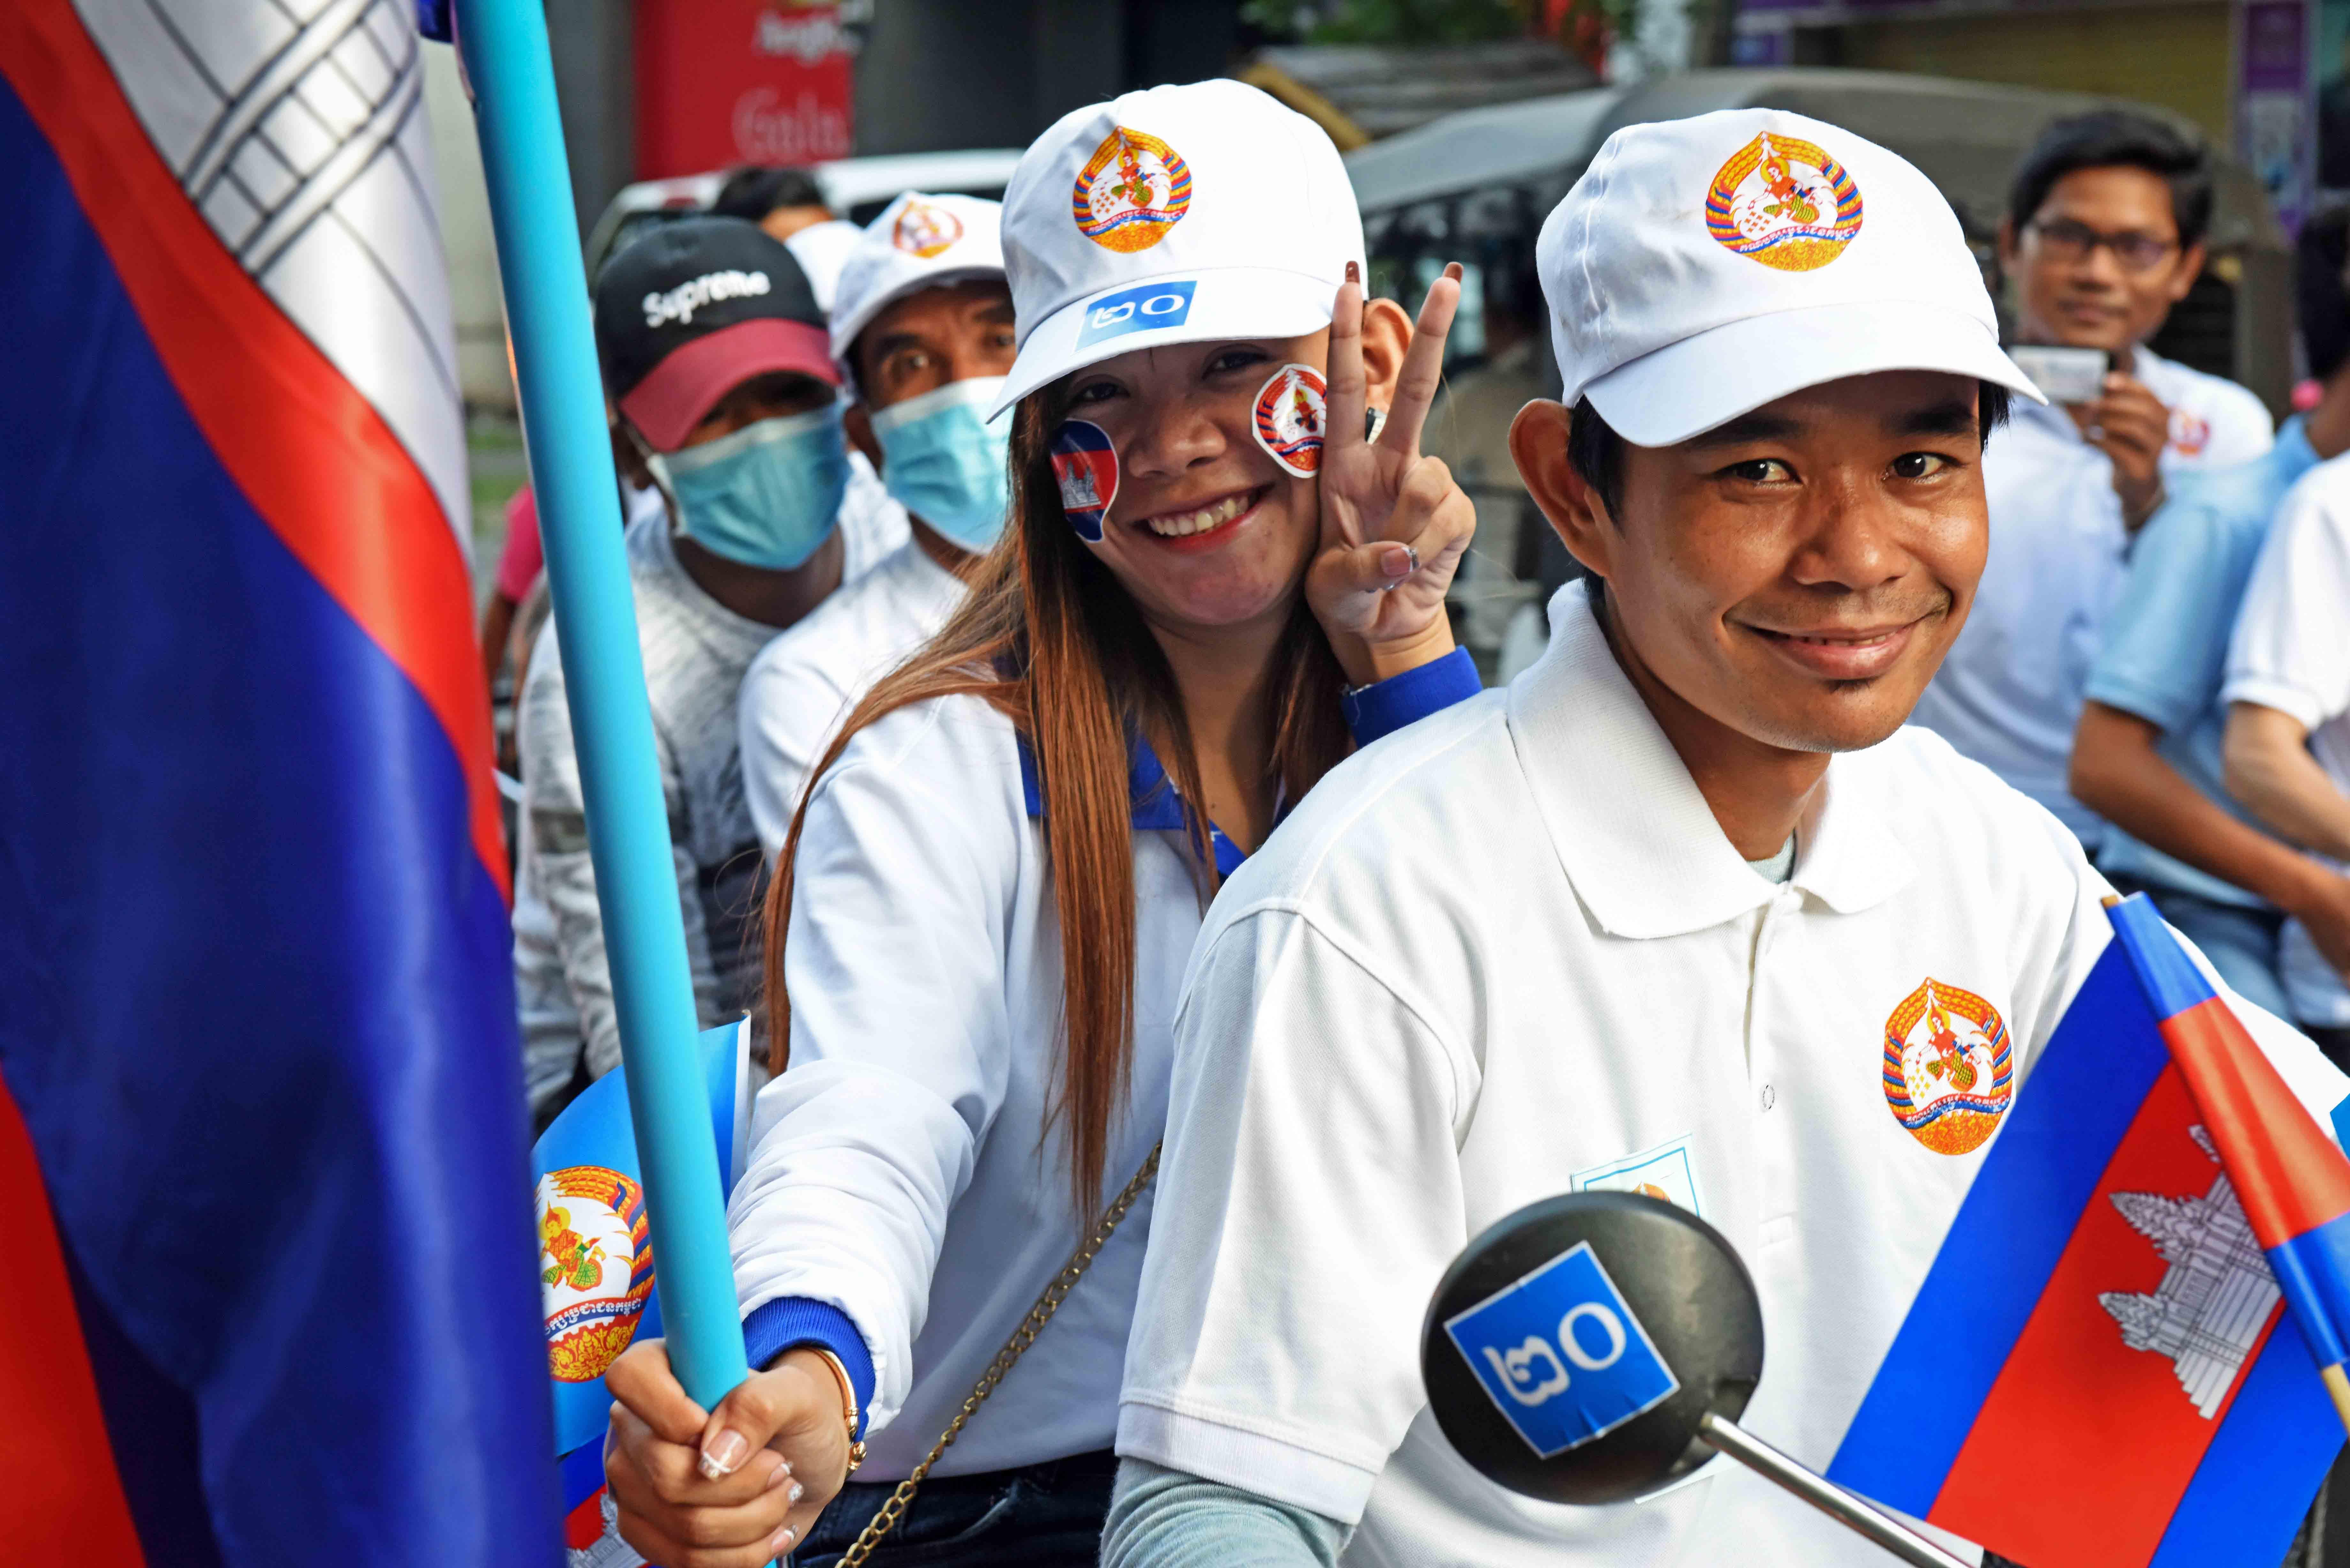 Cheering Cambodia's Strongman